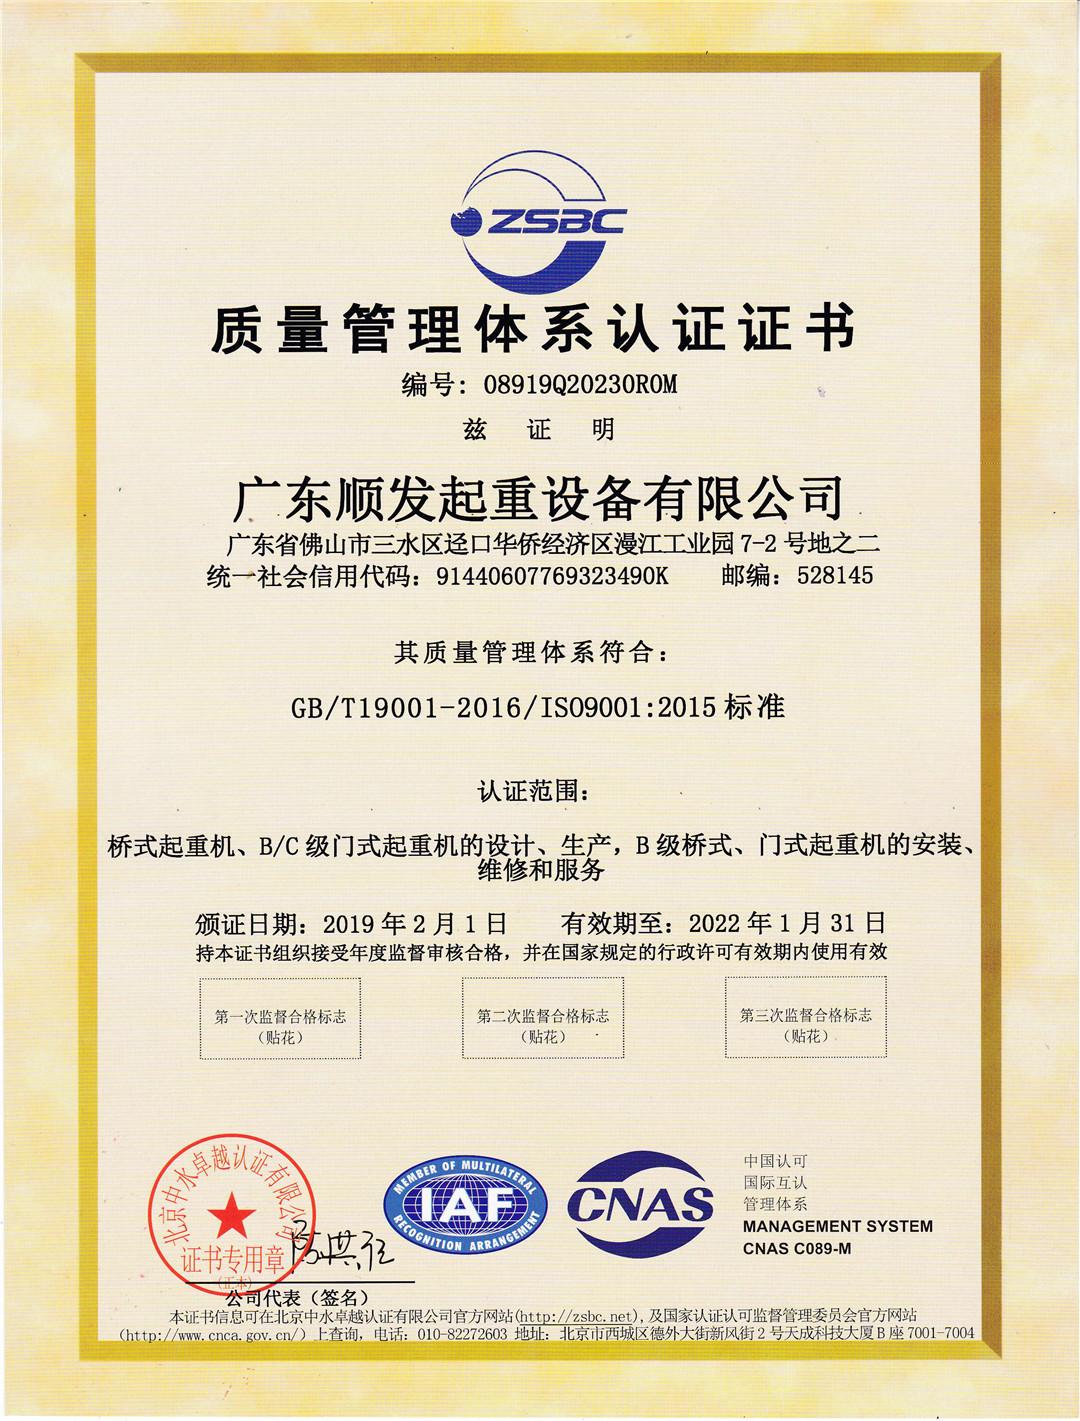 ISO2001:2015质量管理体系认证证书